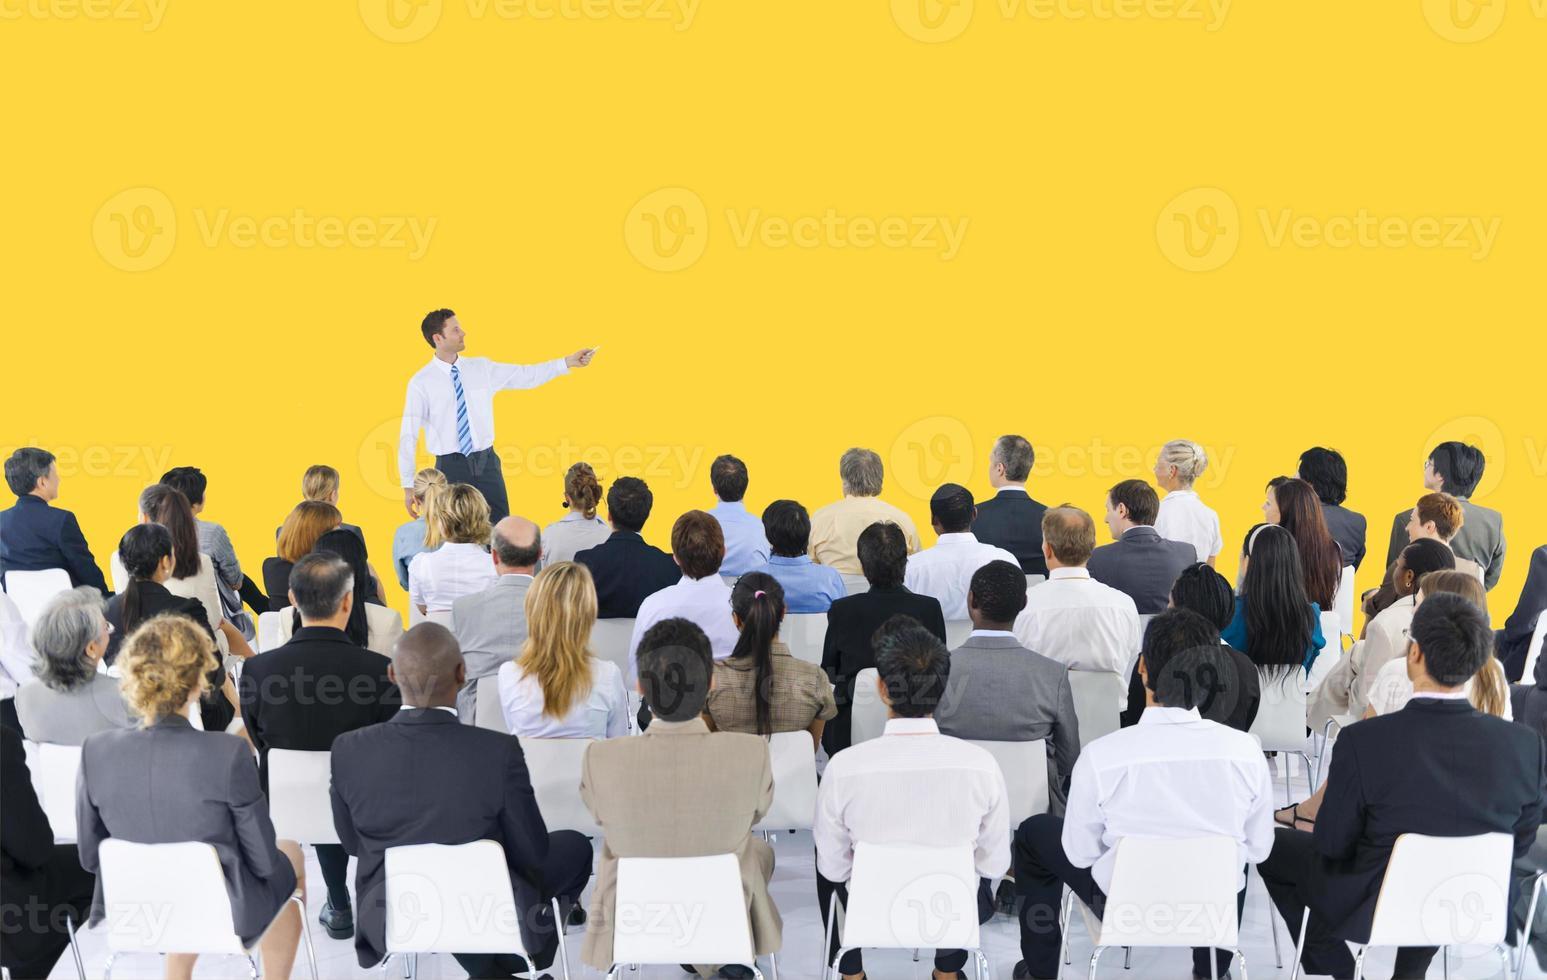 conferência de seminário de pessoas de negócios, reunião conceito de apresentação foto